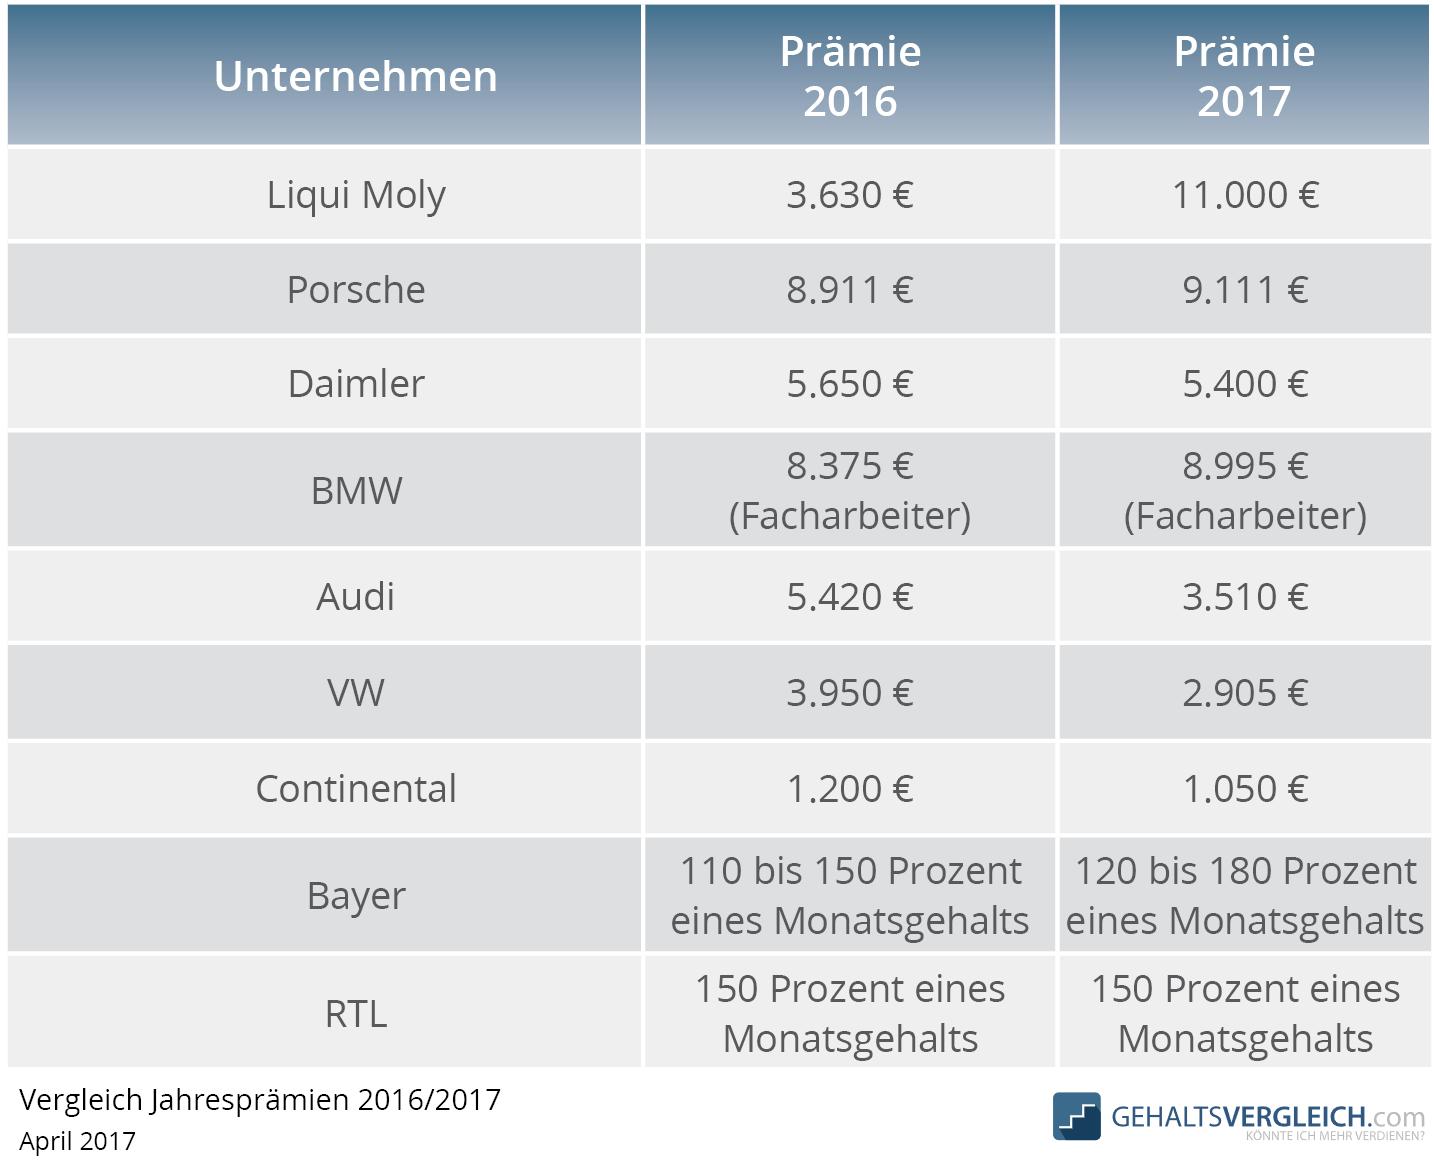 Prämienhöhen in Deutschland 2017 und 2016